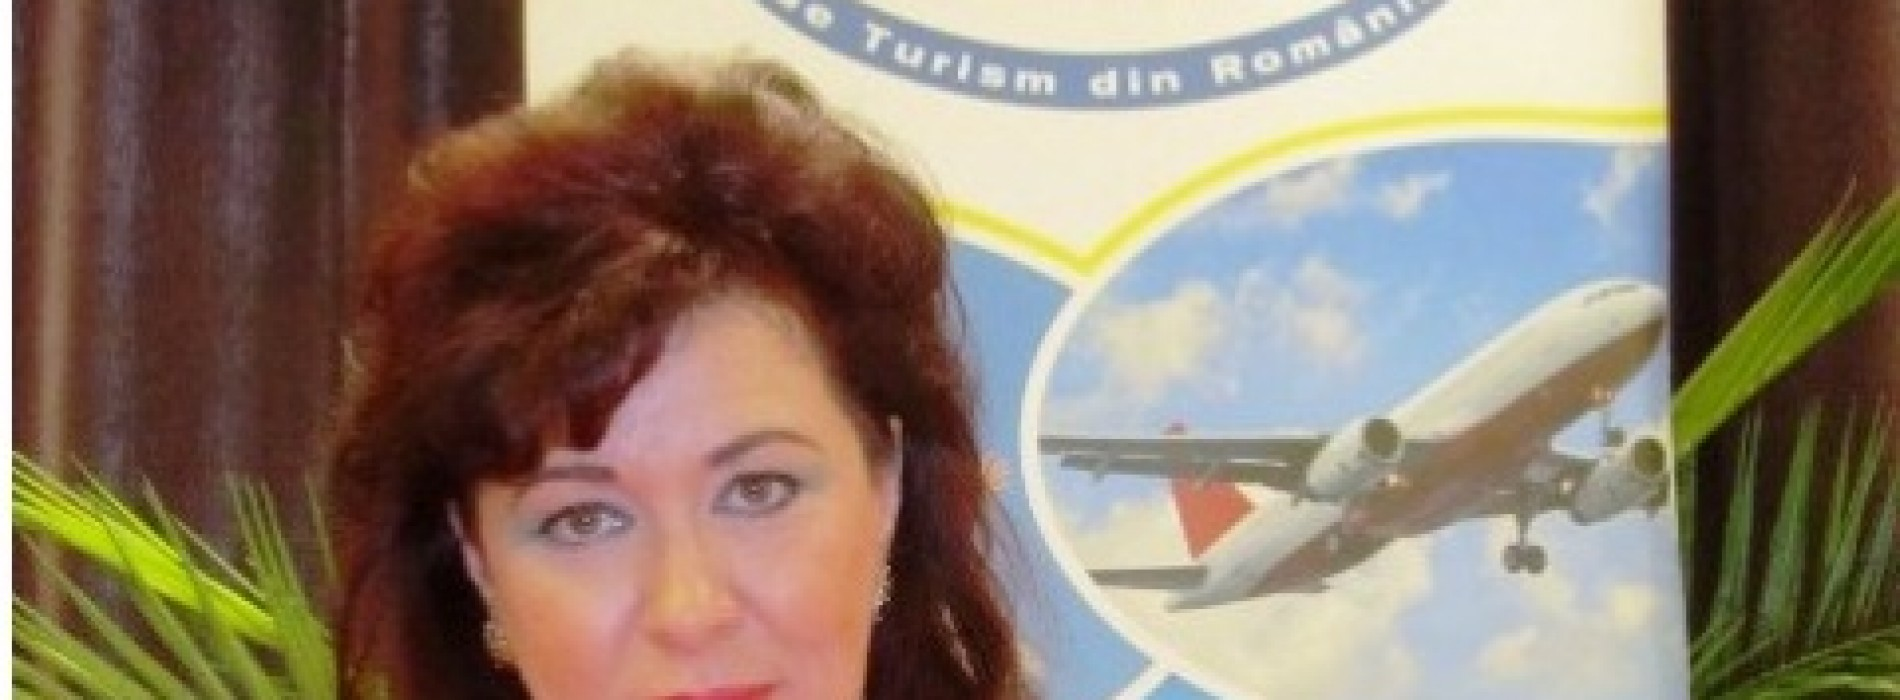 ANAT solicita descentralizarea competentei autorizarii unitatilor din turism